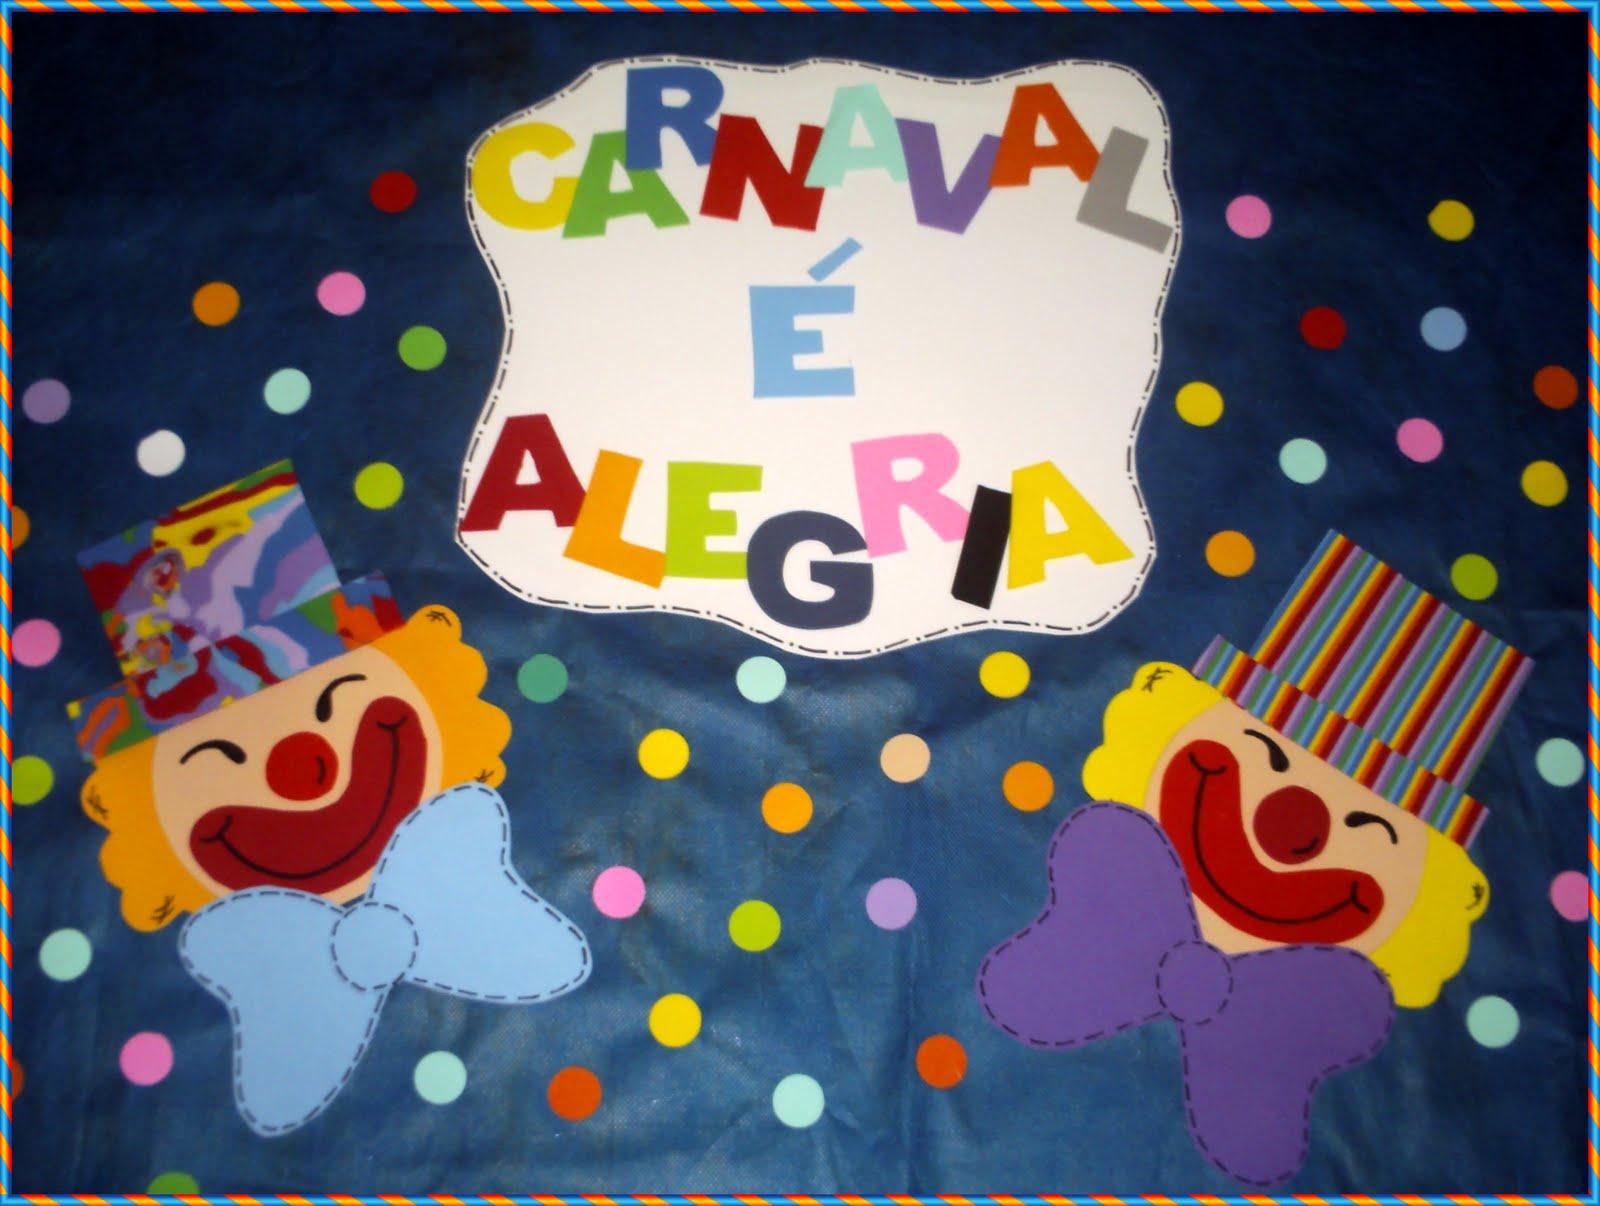 imagens do carnaval colorir frevo